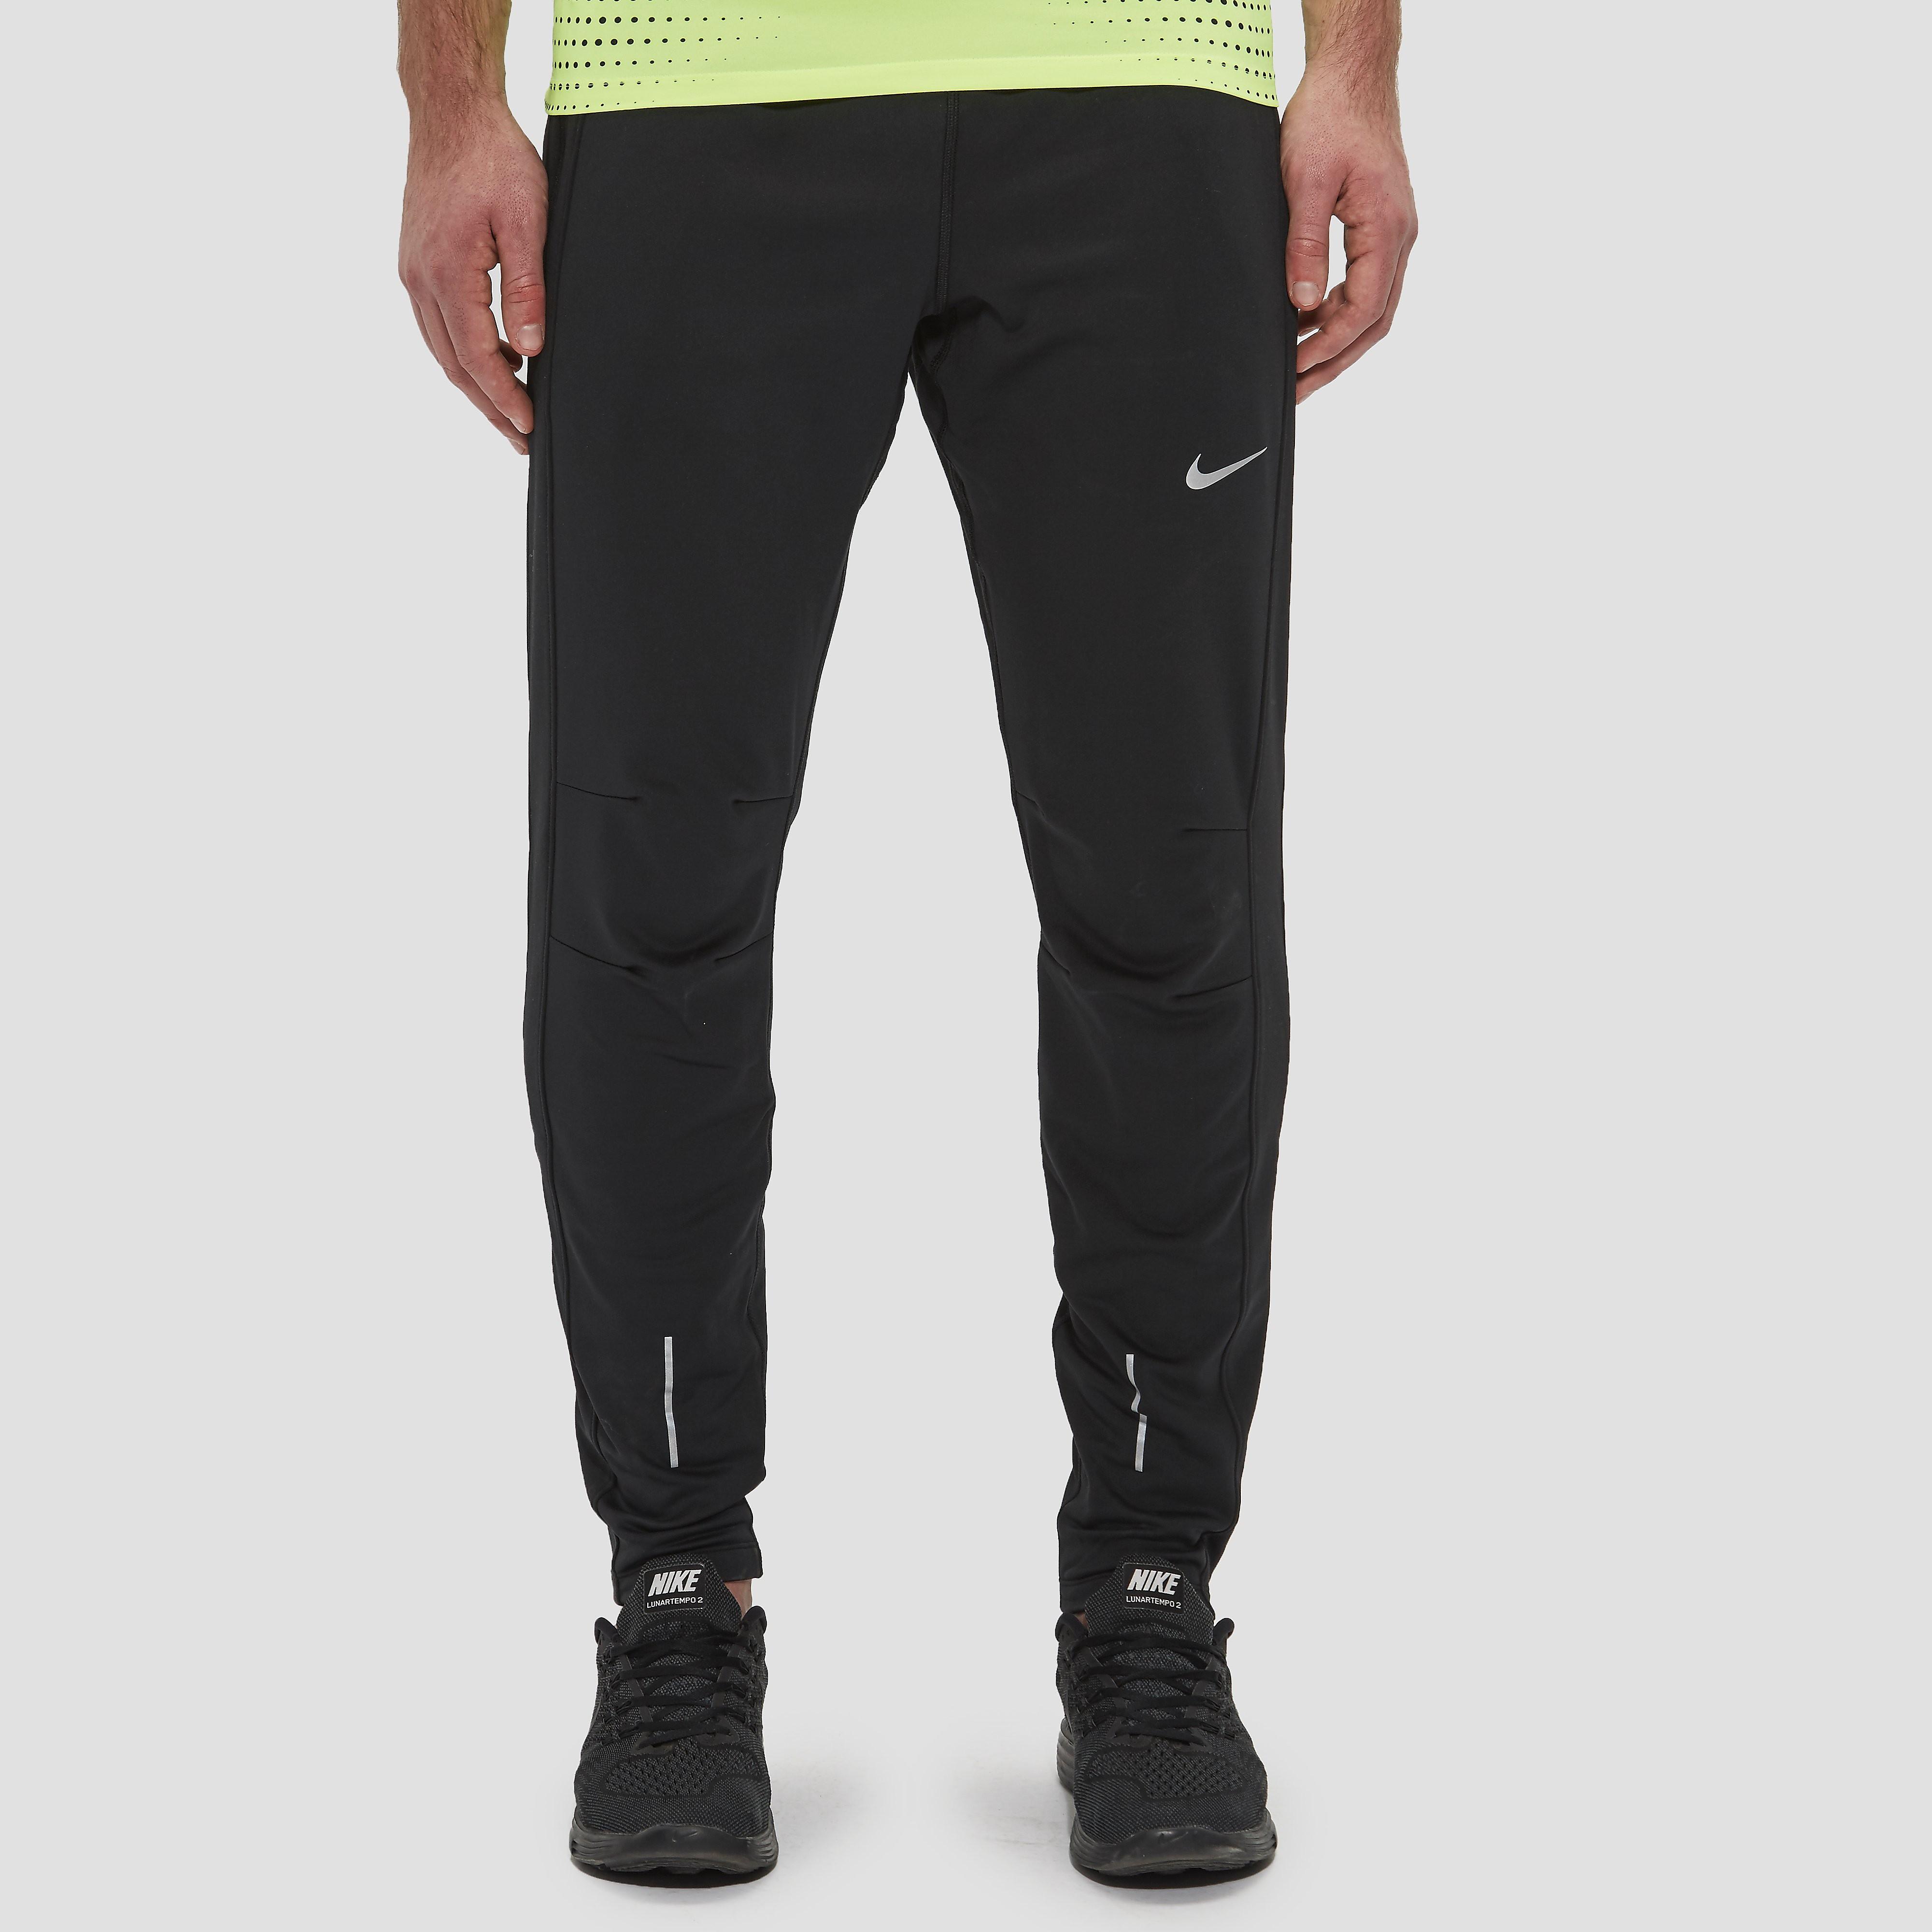 Nike DRI-FIT THERMAL BROEK